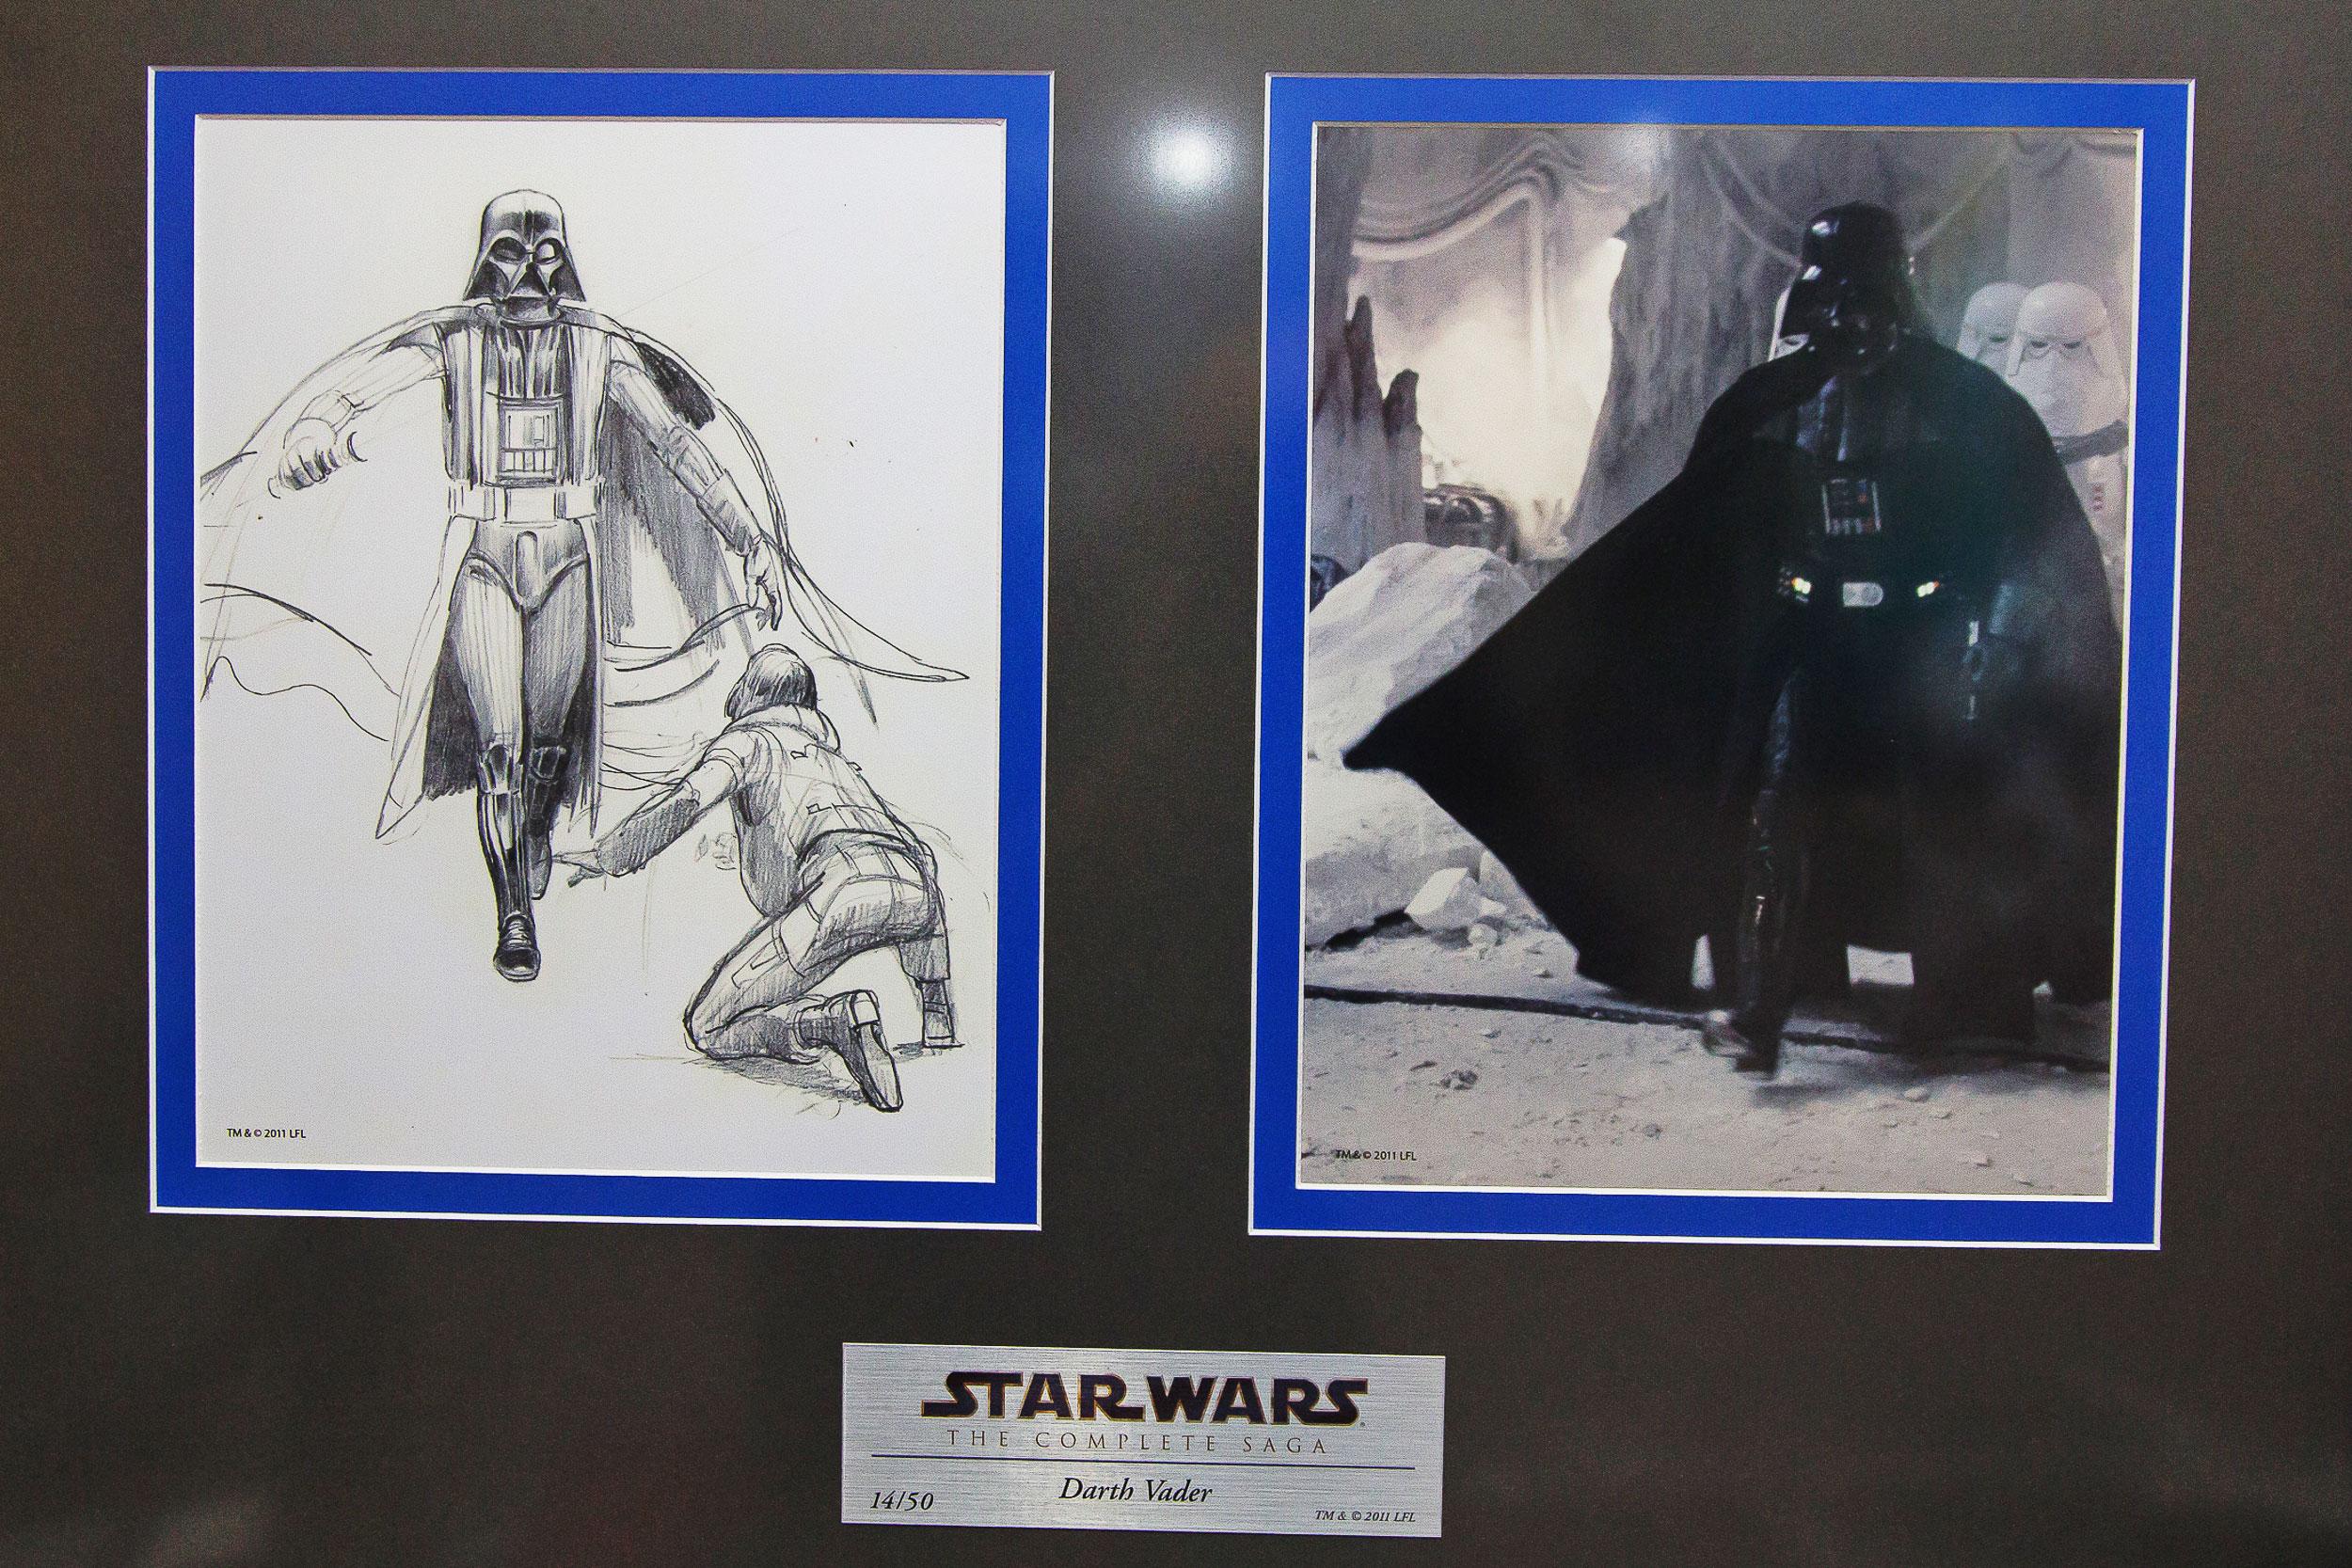 Desenho original de Ralph McQuarrie, o designer de Star Wars